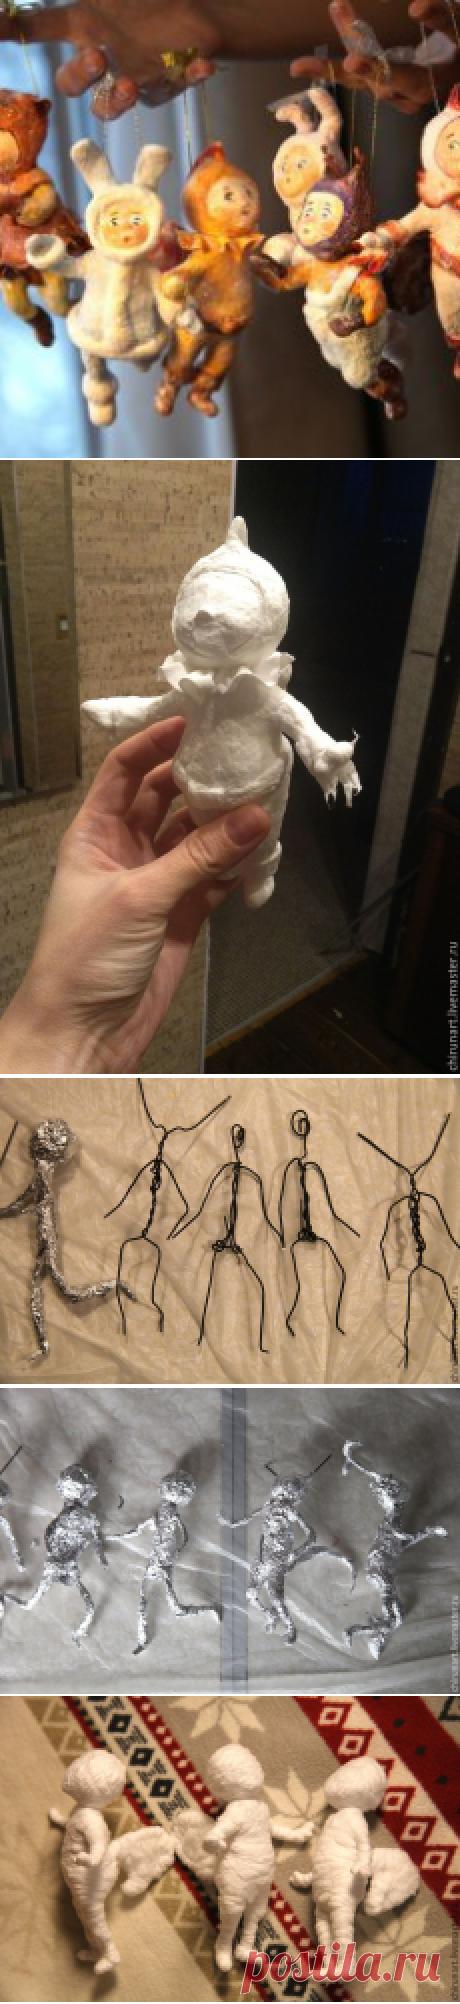 """""""Ребятки на елочку"""": мастерим ватные елочные игрушки / Мастер классы. Изготовление авторских кукол / Бэйбики. Куклы фото. Одежда для кукол"""